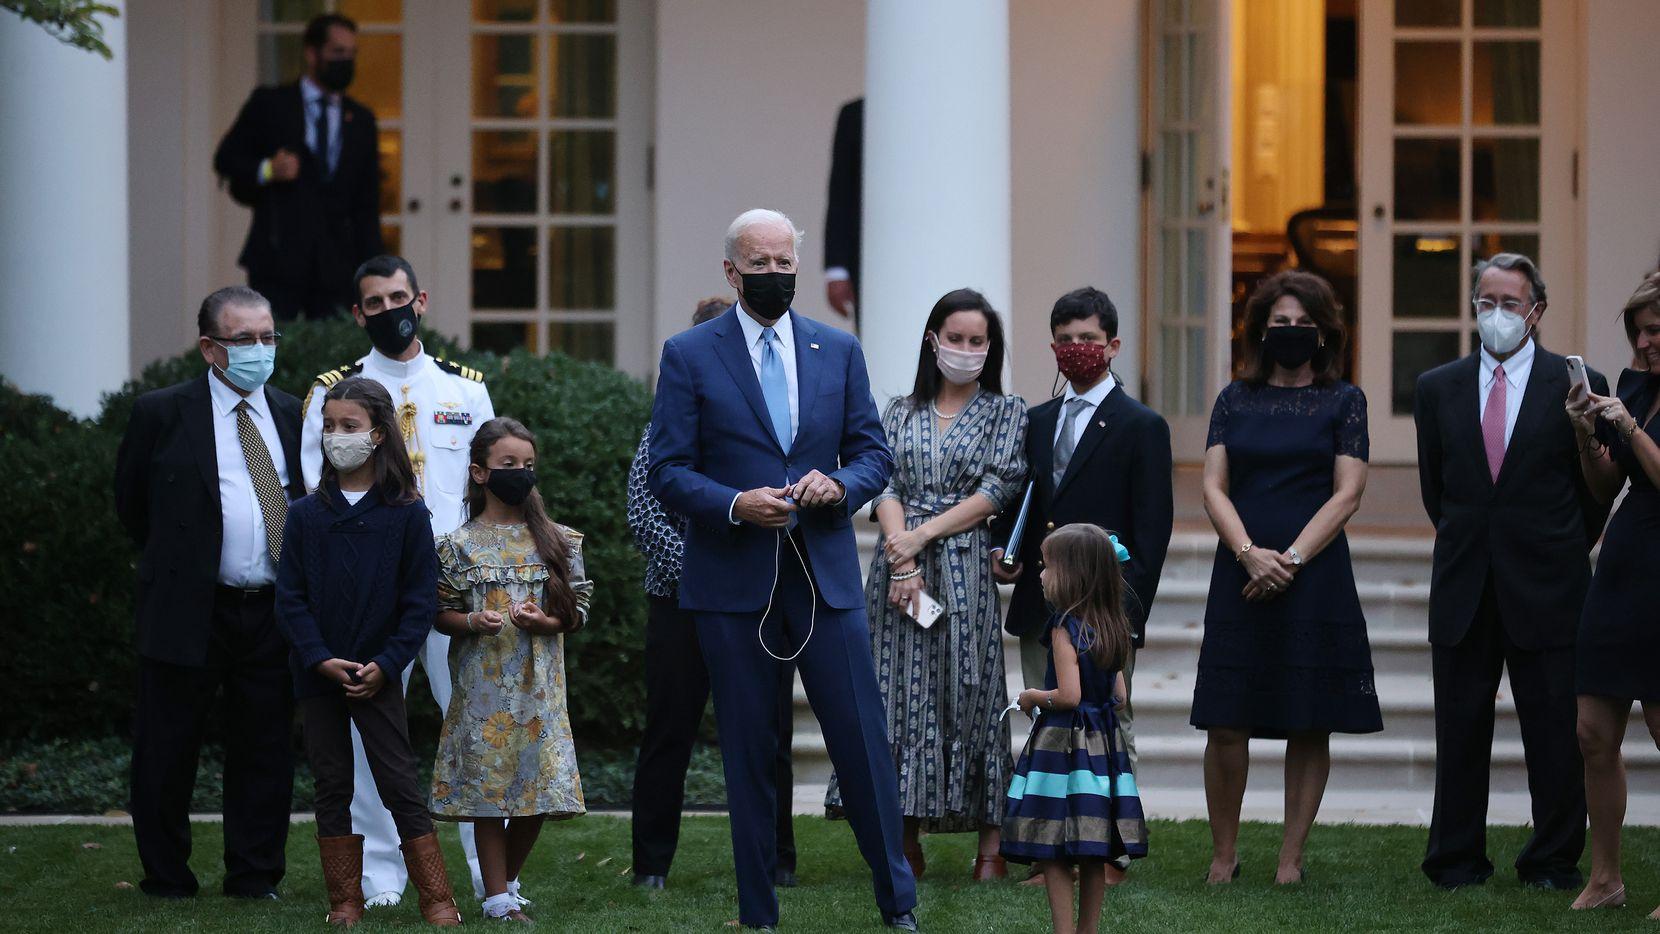 El President Joe Biden en un evento familiar en la Casa Blanca, el 8 de octubre de 2021.